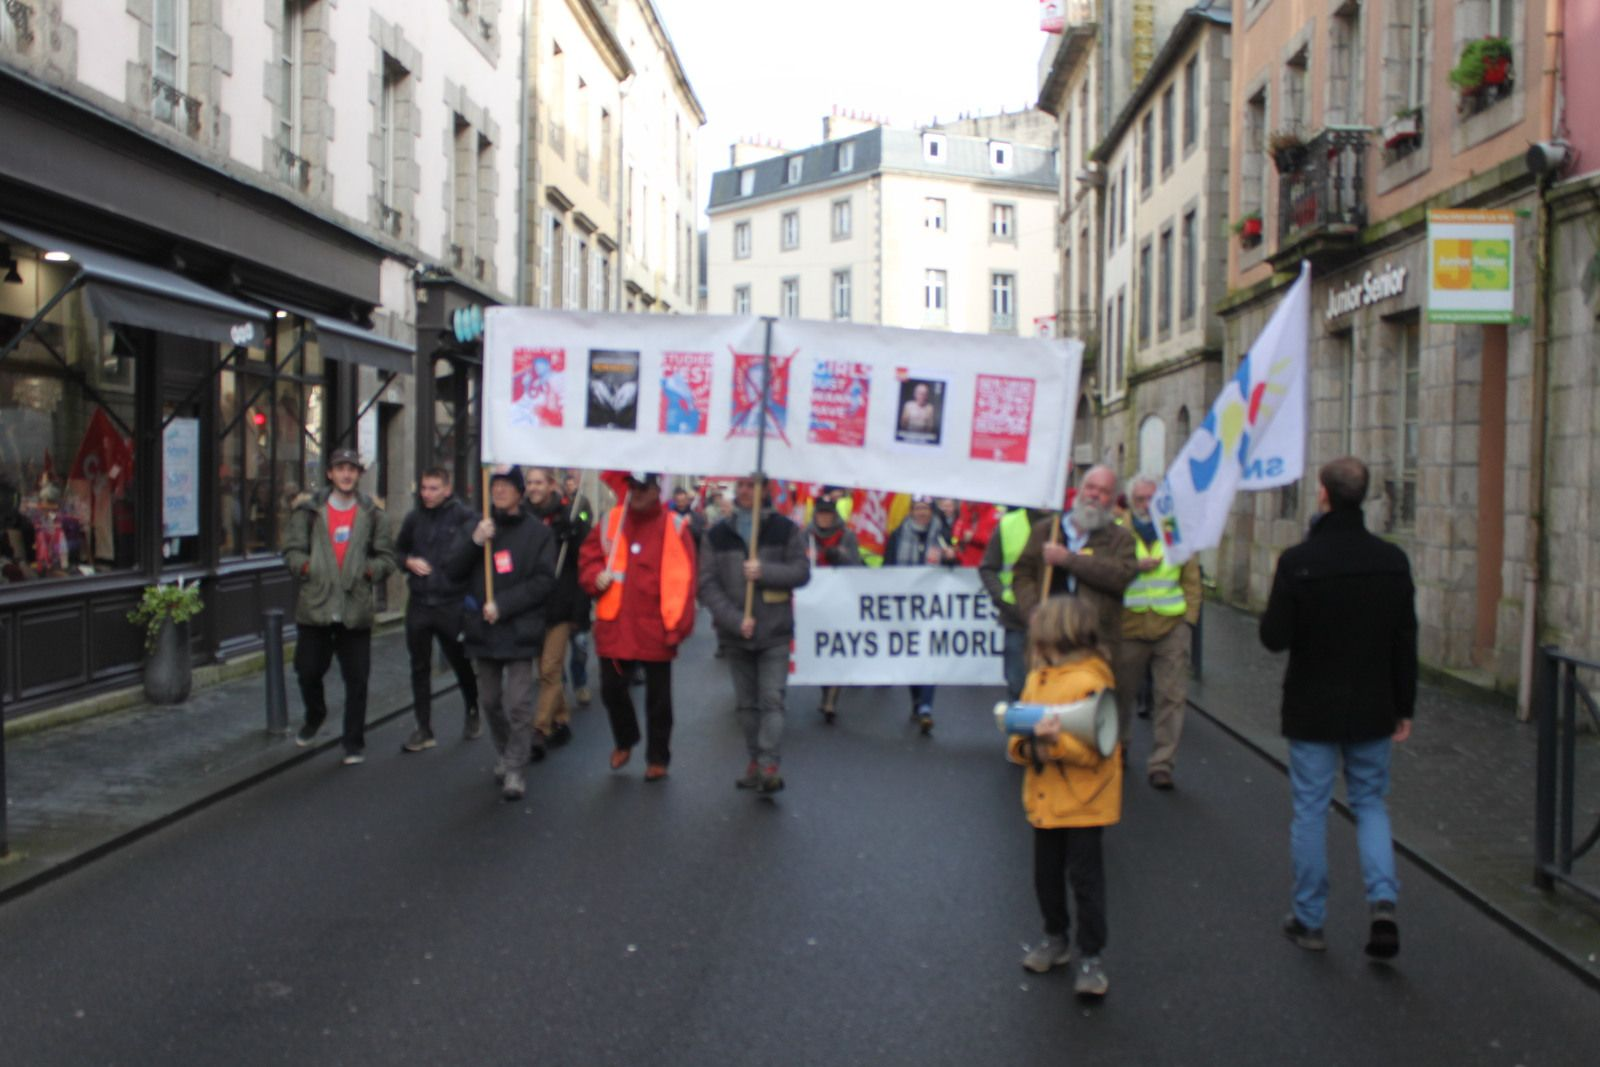 Mardi 29 janvier à Morlaix: Nouvelle manifestation contre la contre-réforme des retraites Macron: 400 manifestants (Photos Jean-Luc Le Calvez et Pierre-Yvon Boisnard)